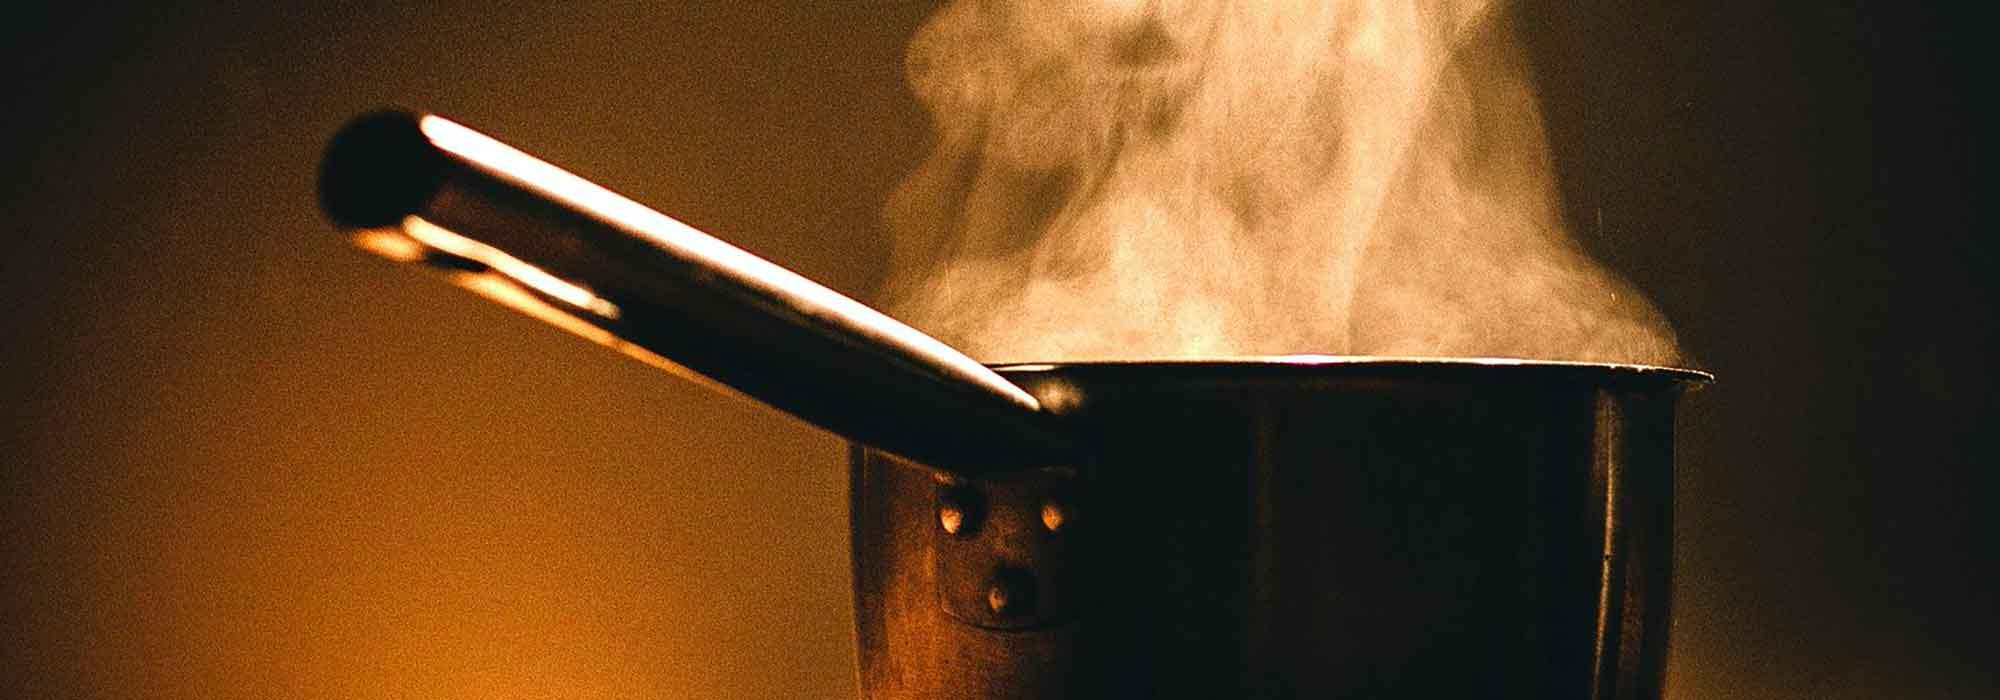 Vortrag-und-Kochschulung-Titel